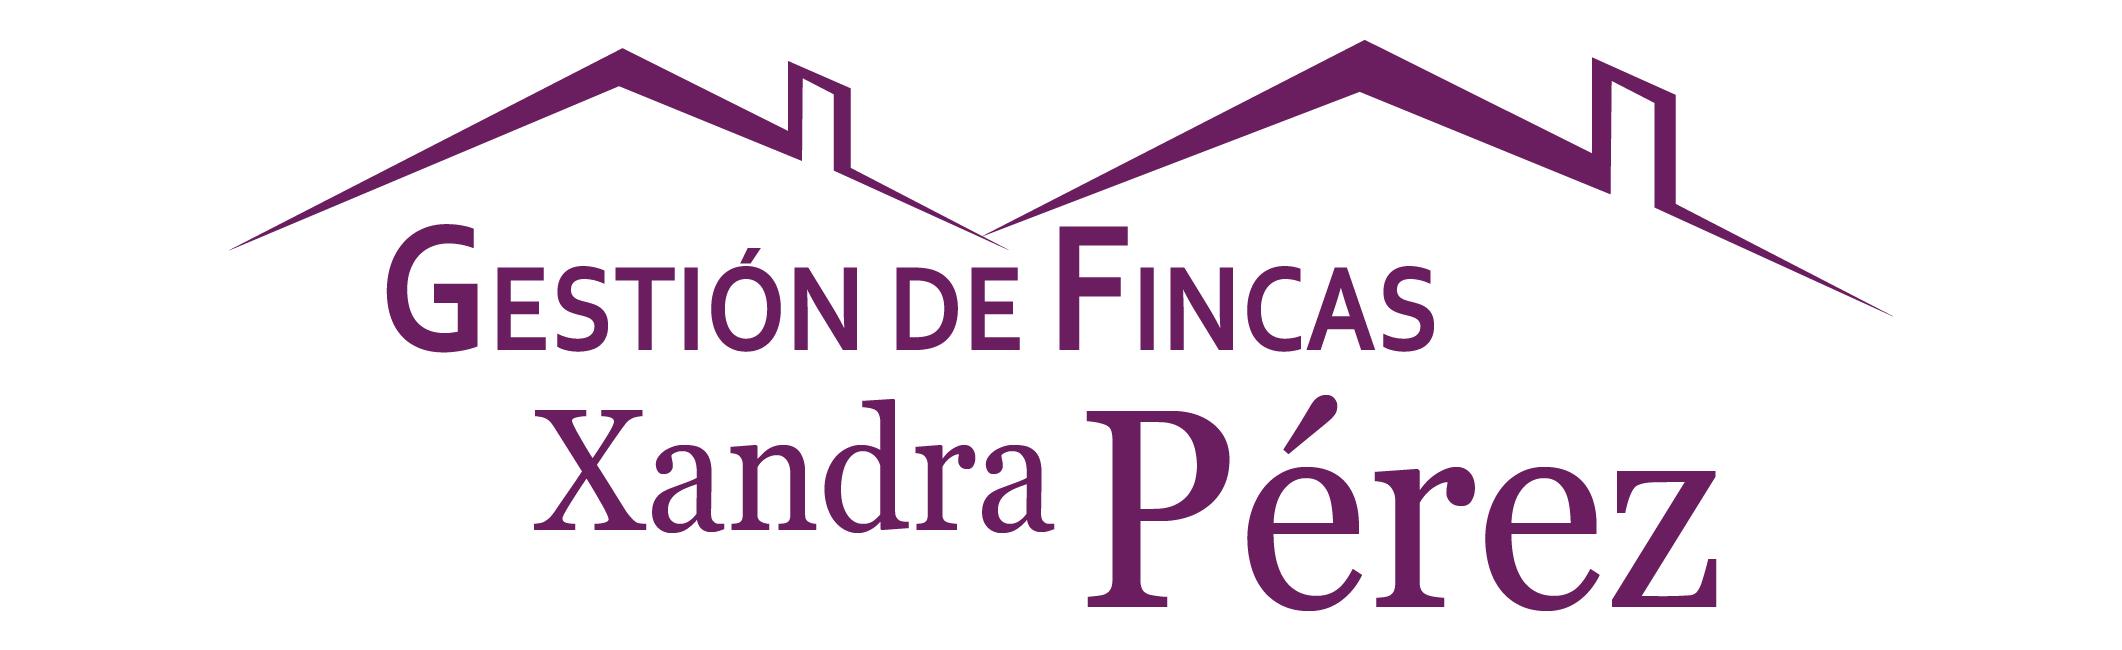 Gestion de fincas y Alquiler de Pisos Xandra Peréz